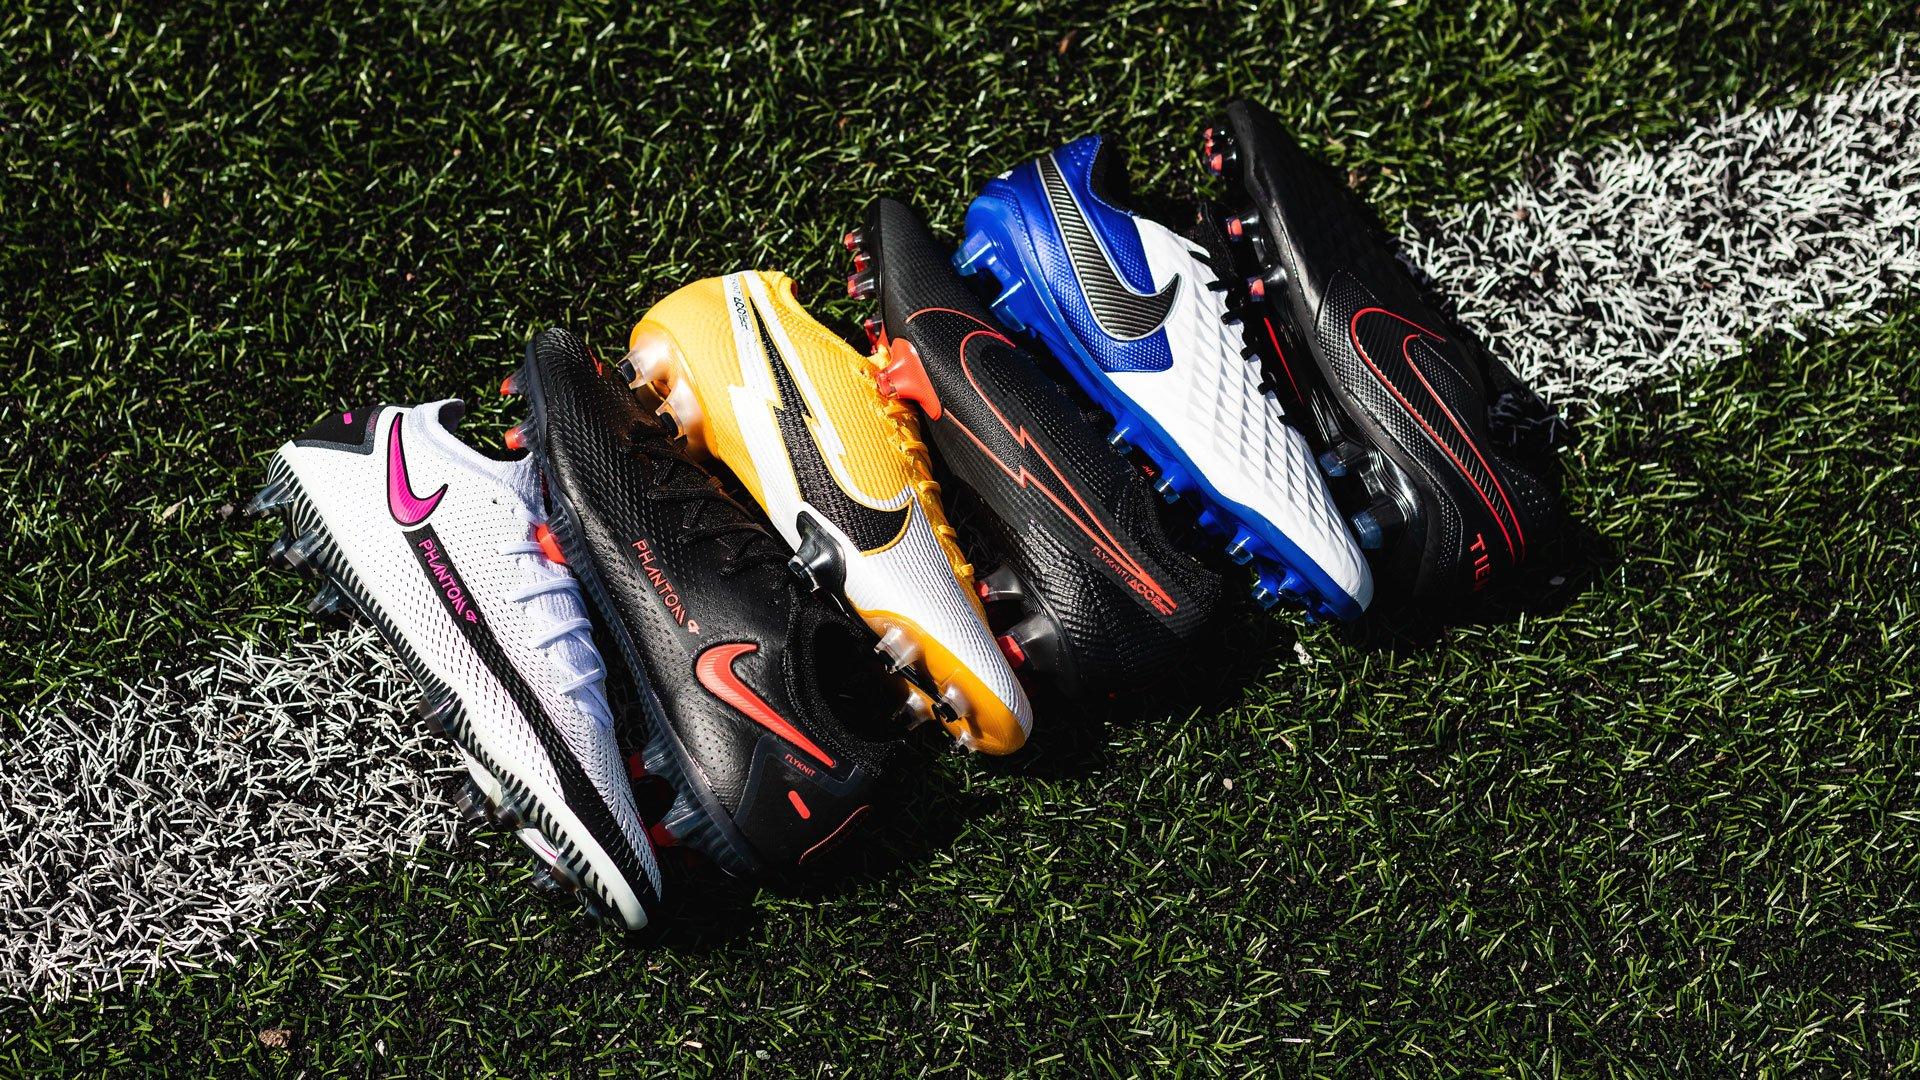 Nike đã áp dụng chất liệu da vải sợi dệt vào các dòng giày bóng đá của mình